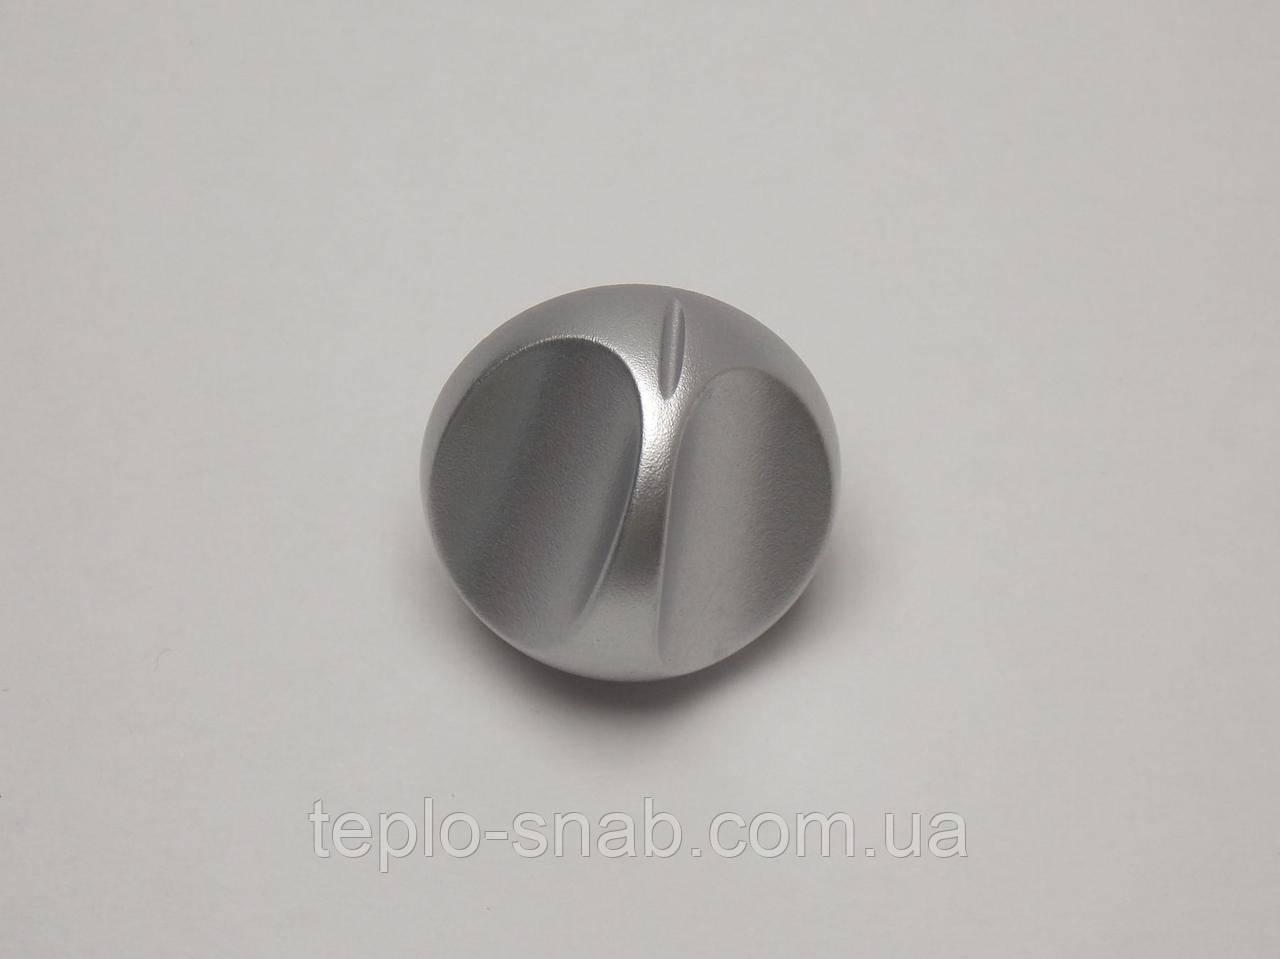 Ручка управления газового котла Immergas Victrix 24 kw. 1.019279